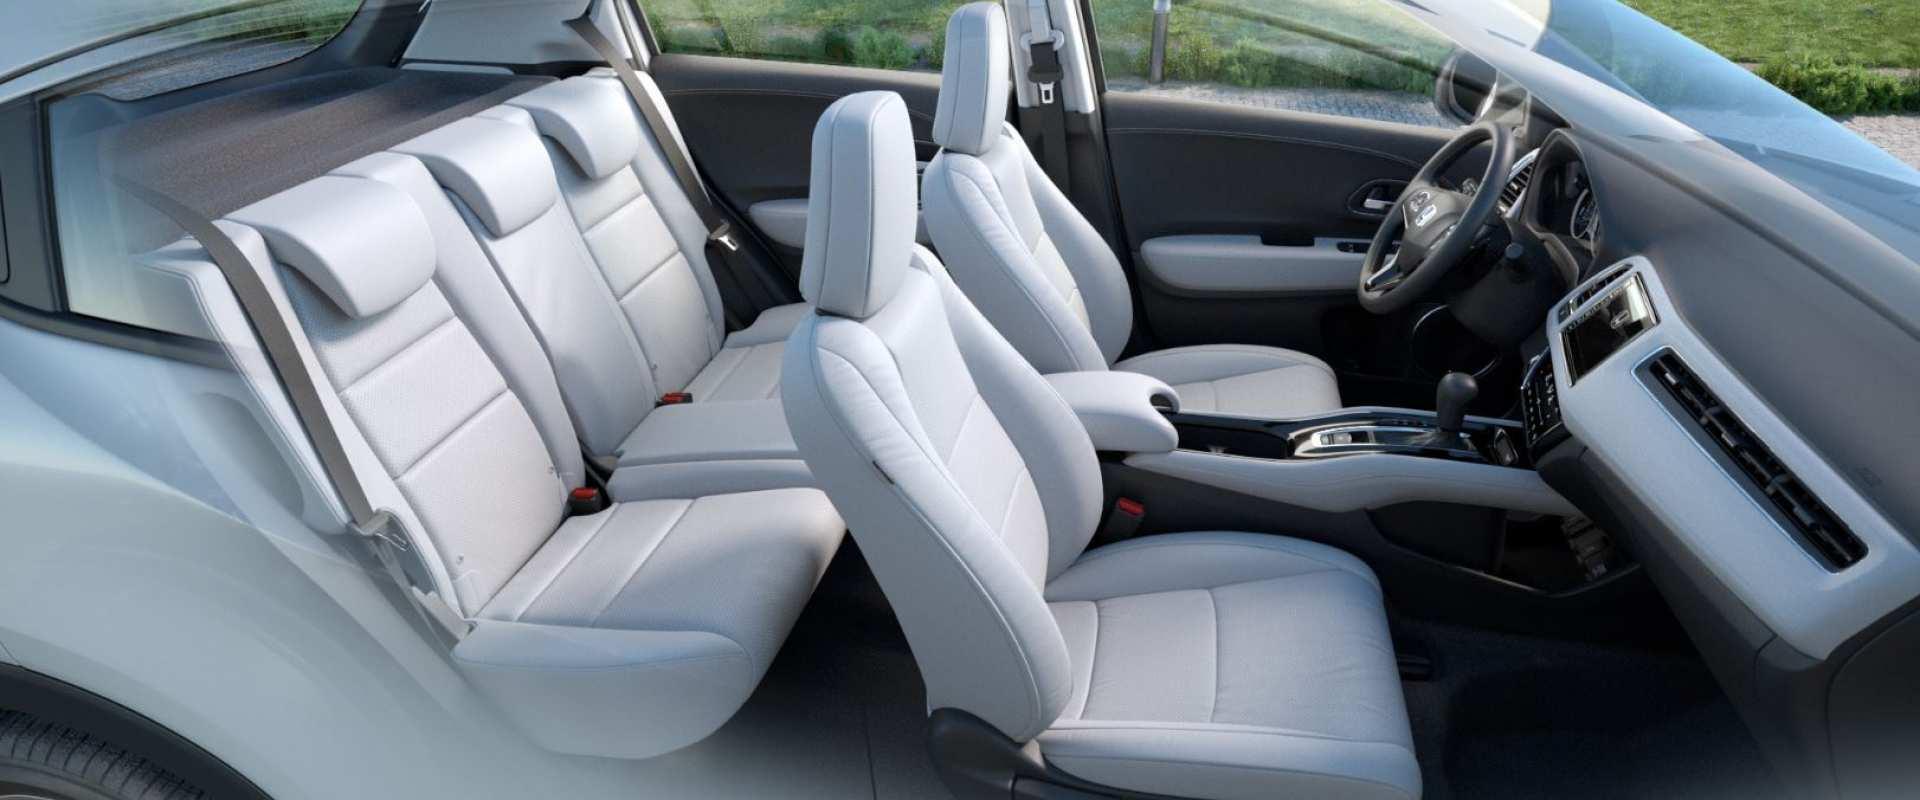 Conforto e ergonomia